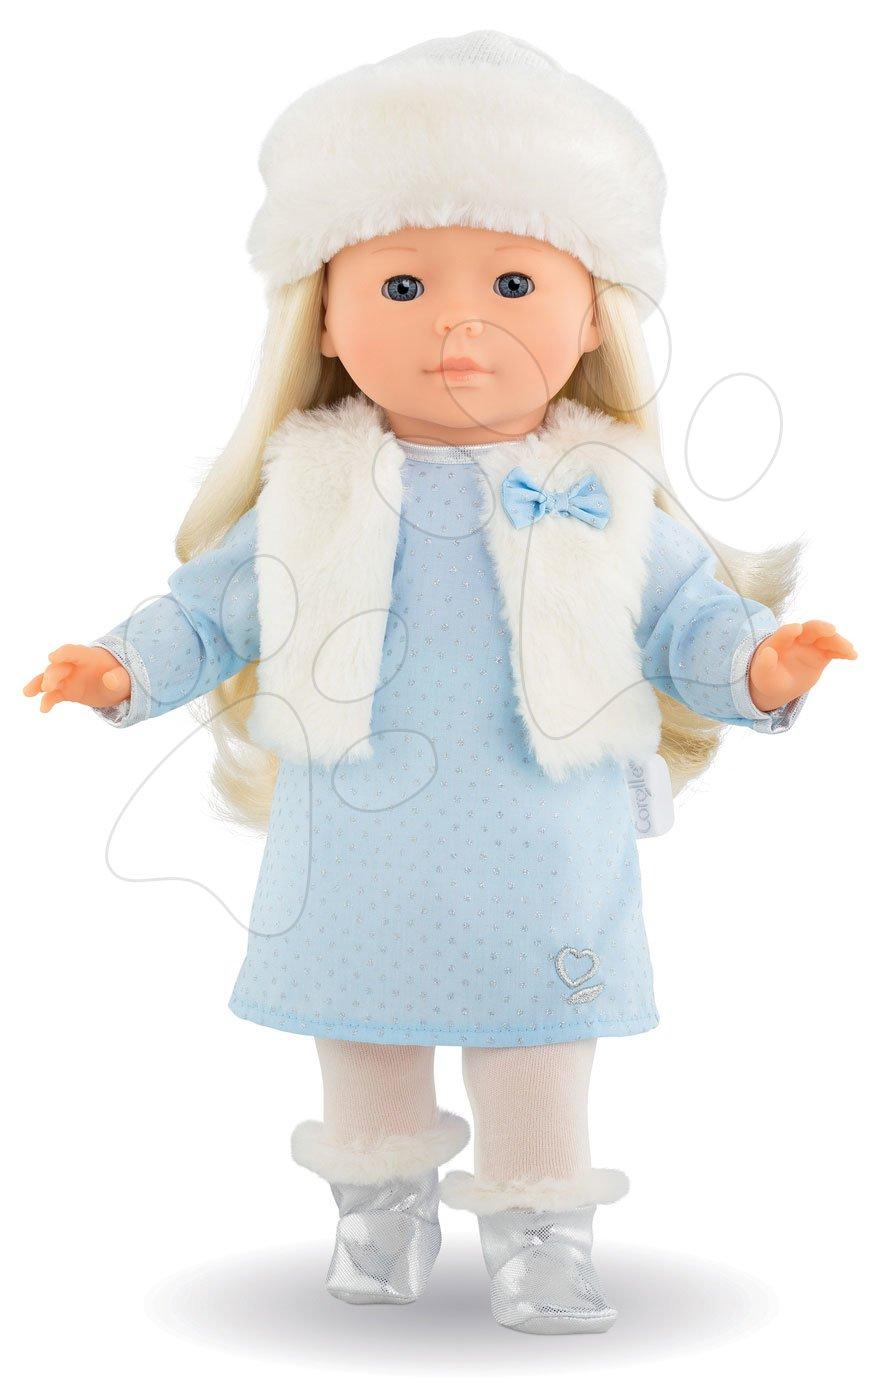 Bábika Priscille Ma Corolle bledomodré šaty a modré klipkajúce oči 36 cm - Špeciálna edícia od 4 rokov